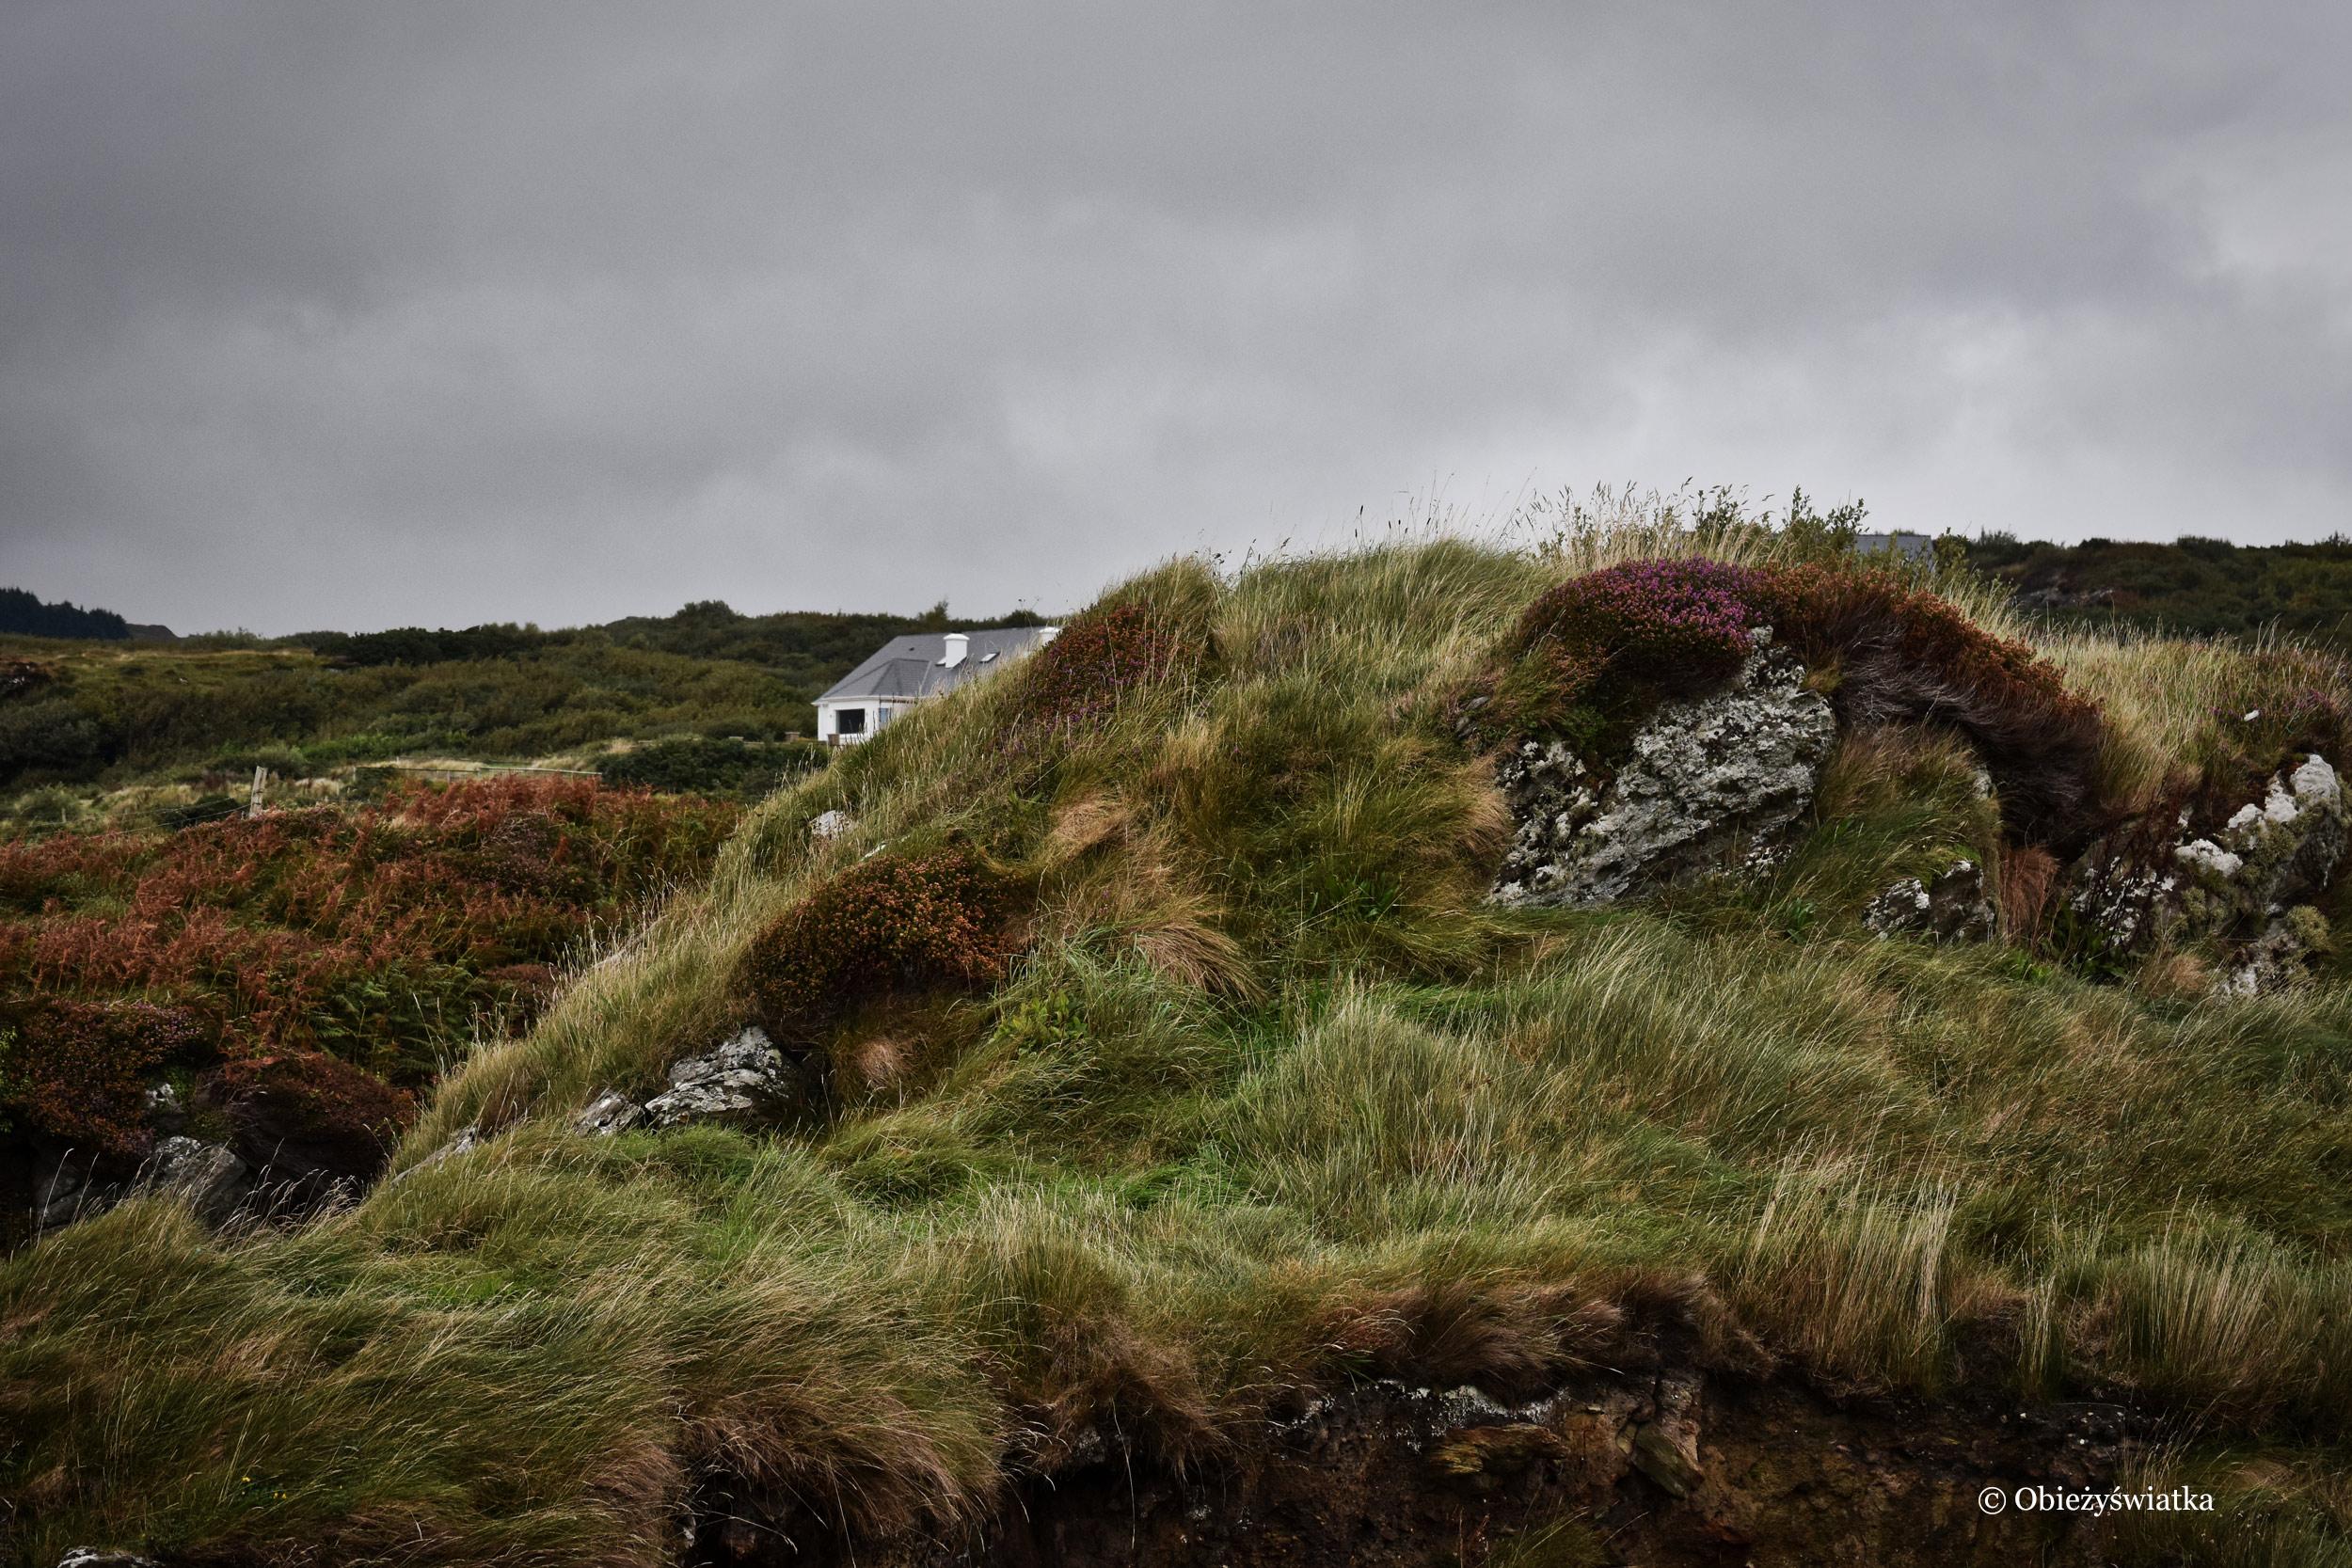 Miękka zieleń, wzgórza, skały i pochowane domki, Killybegs